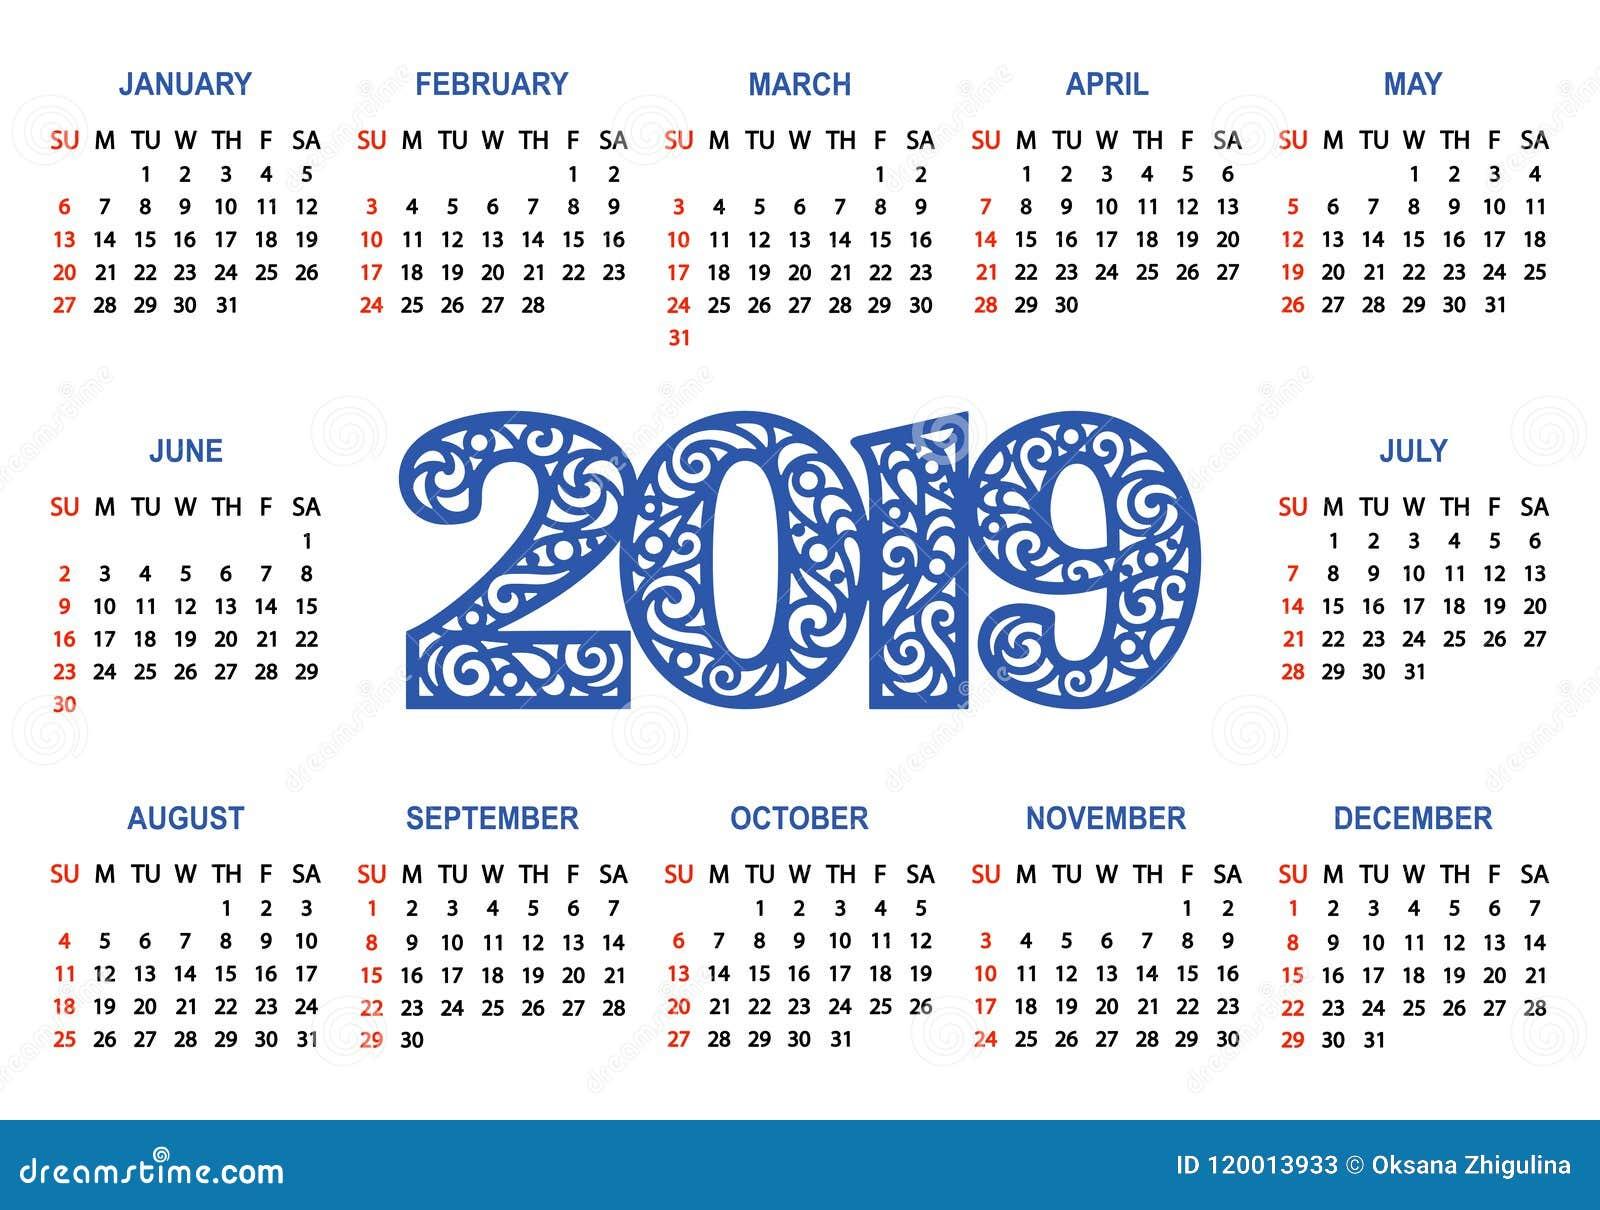 Calendario Vector Blanco.Calendar 2019 On A White Background Stock Illustration